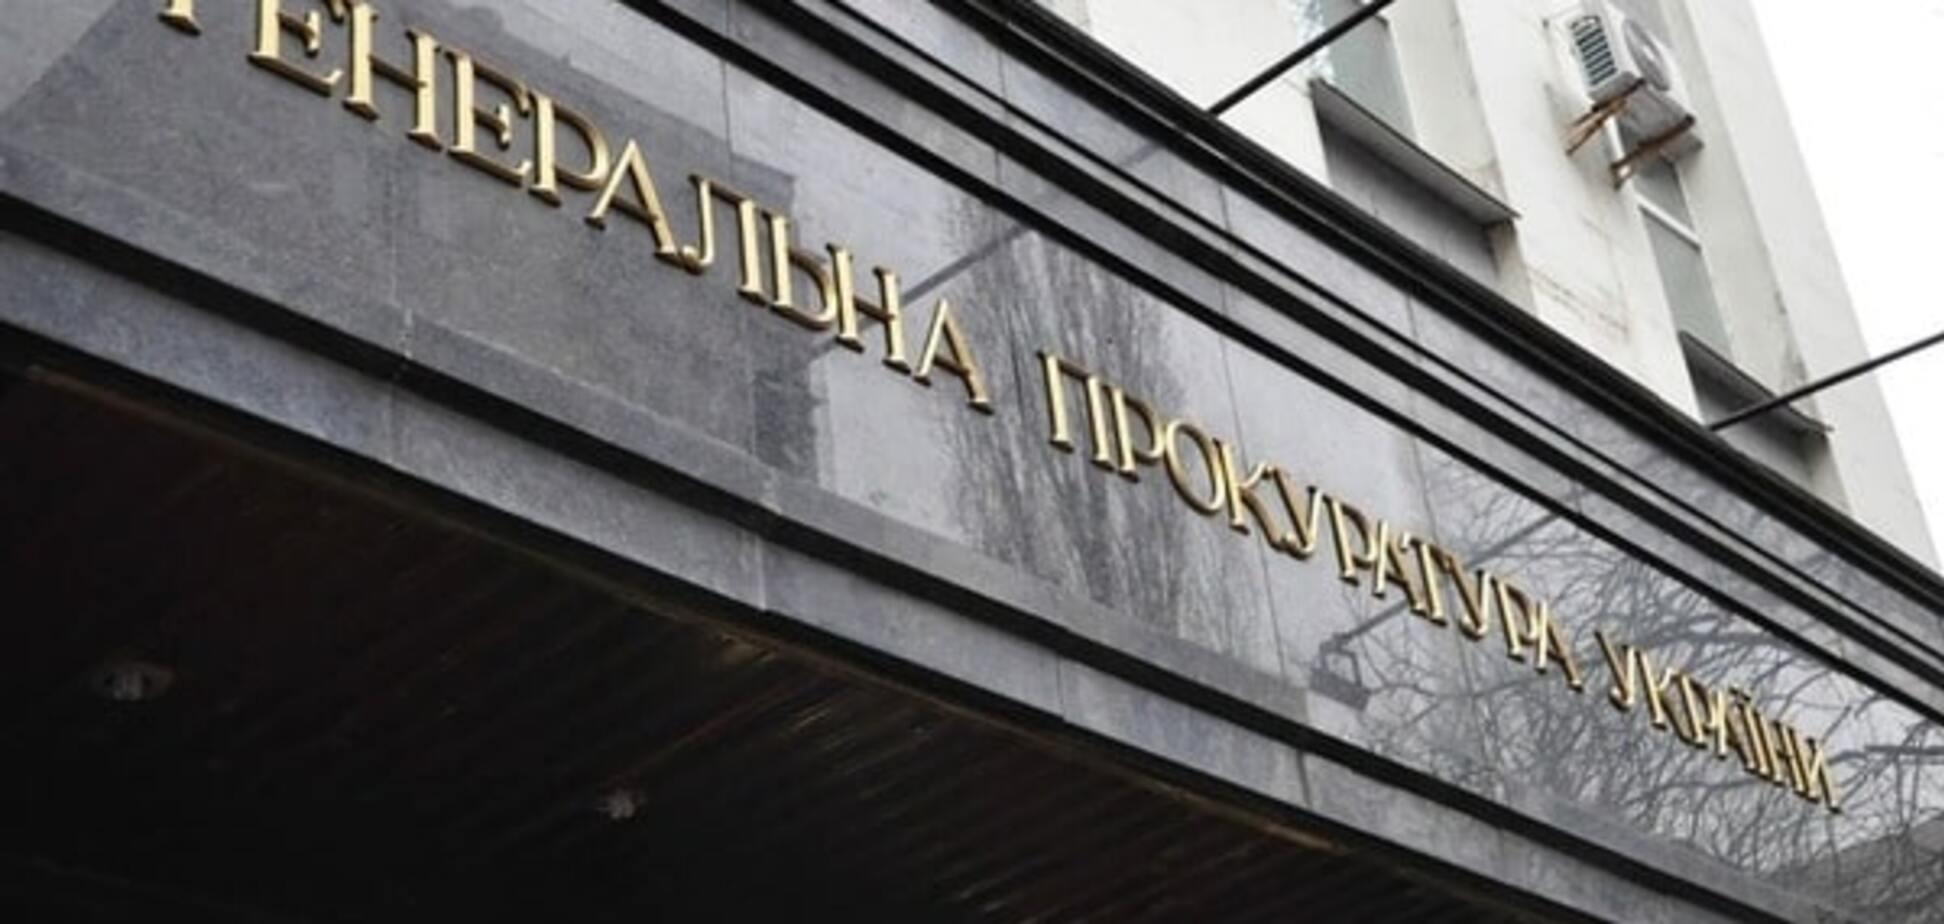 ГПУ звинуватила екс-співробітників МВС і СБУ в отриманні хабара у 1,7 млн гривень